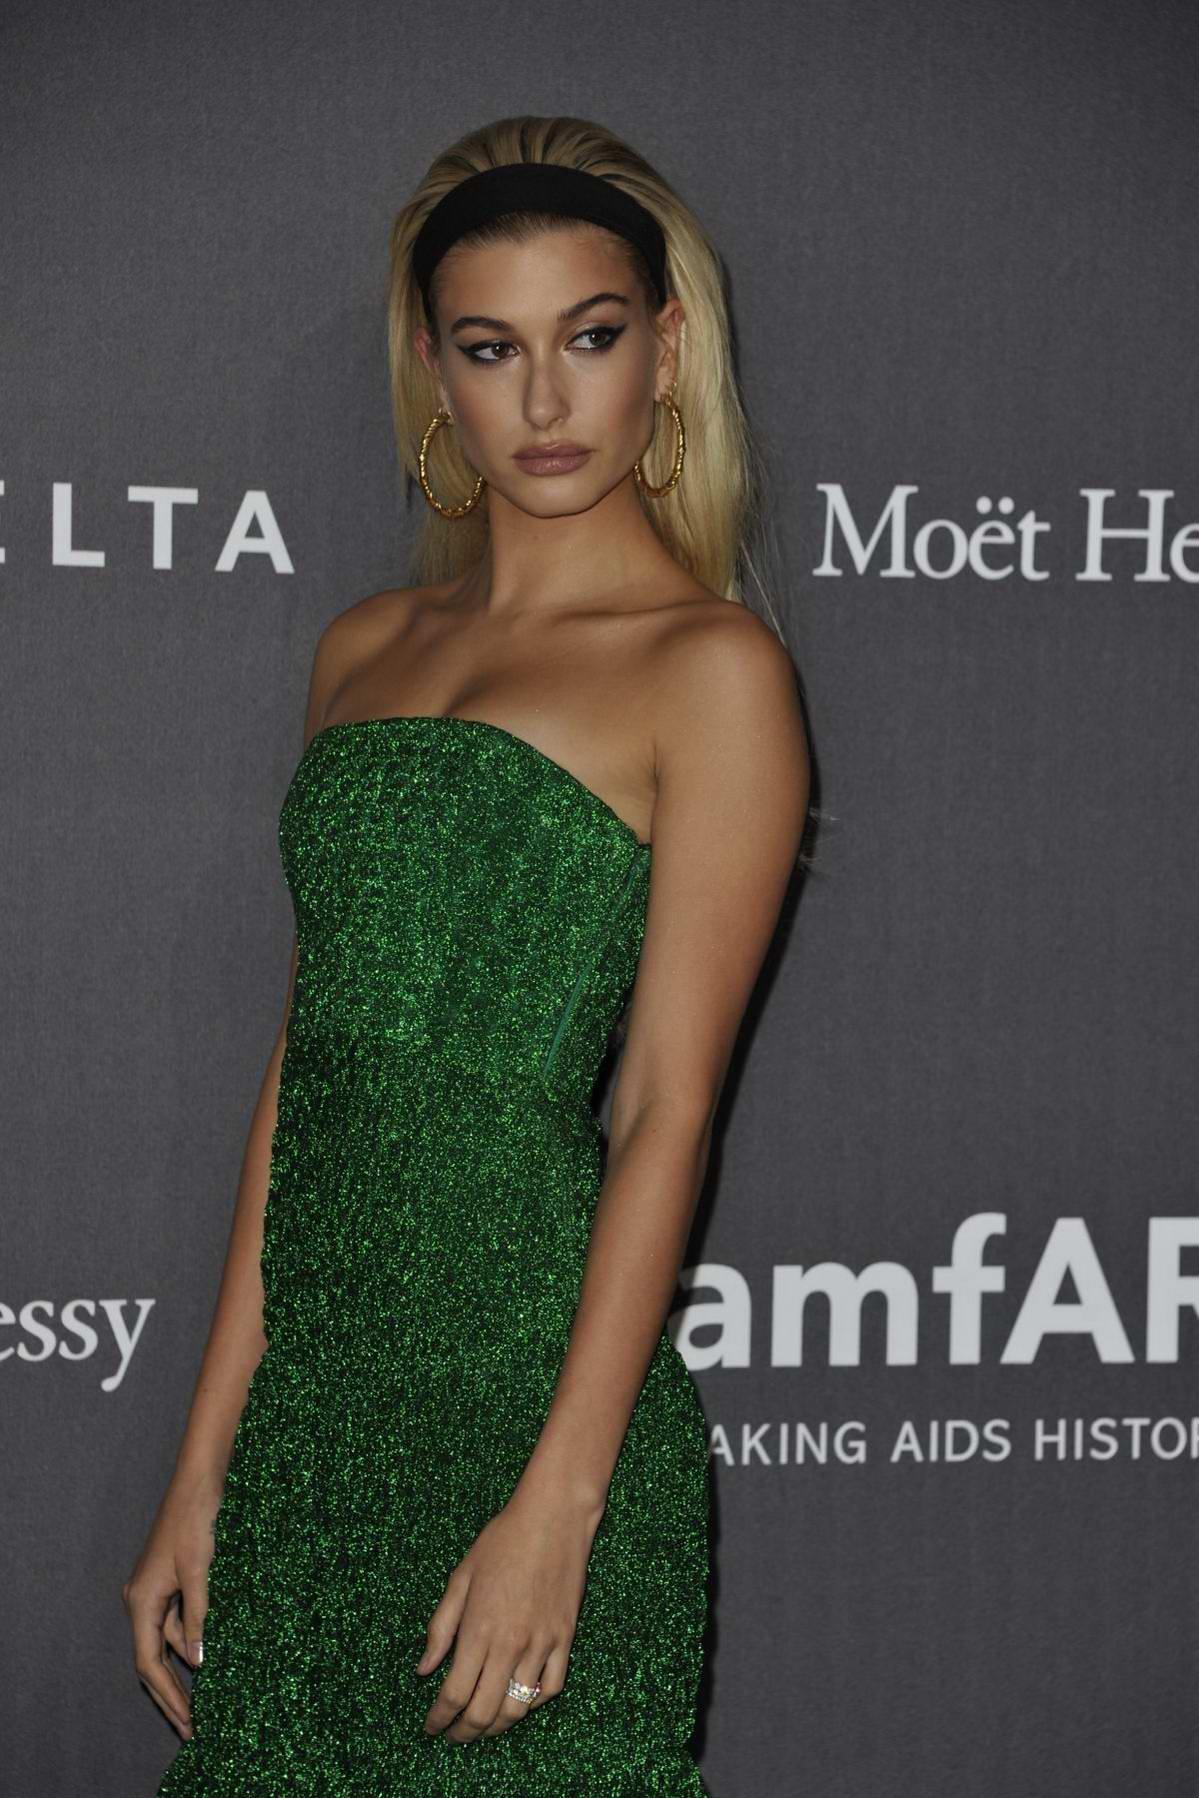 Hailey Baldwin attends amfAR Gala during Milan Fashion Week in Milan, Italy